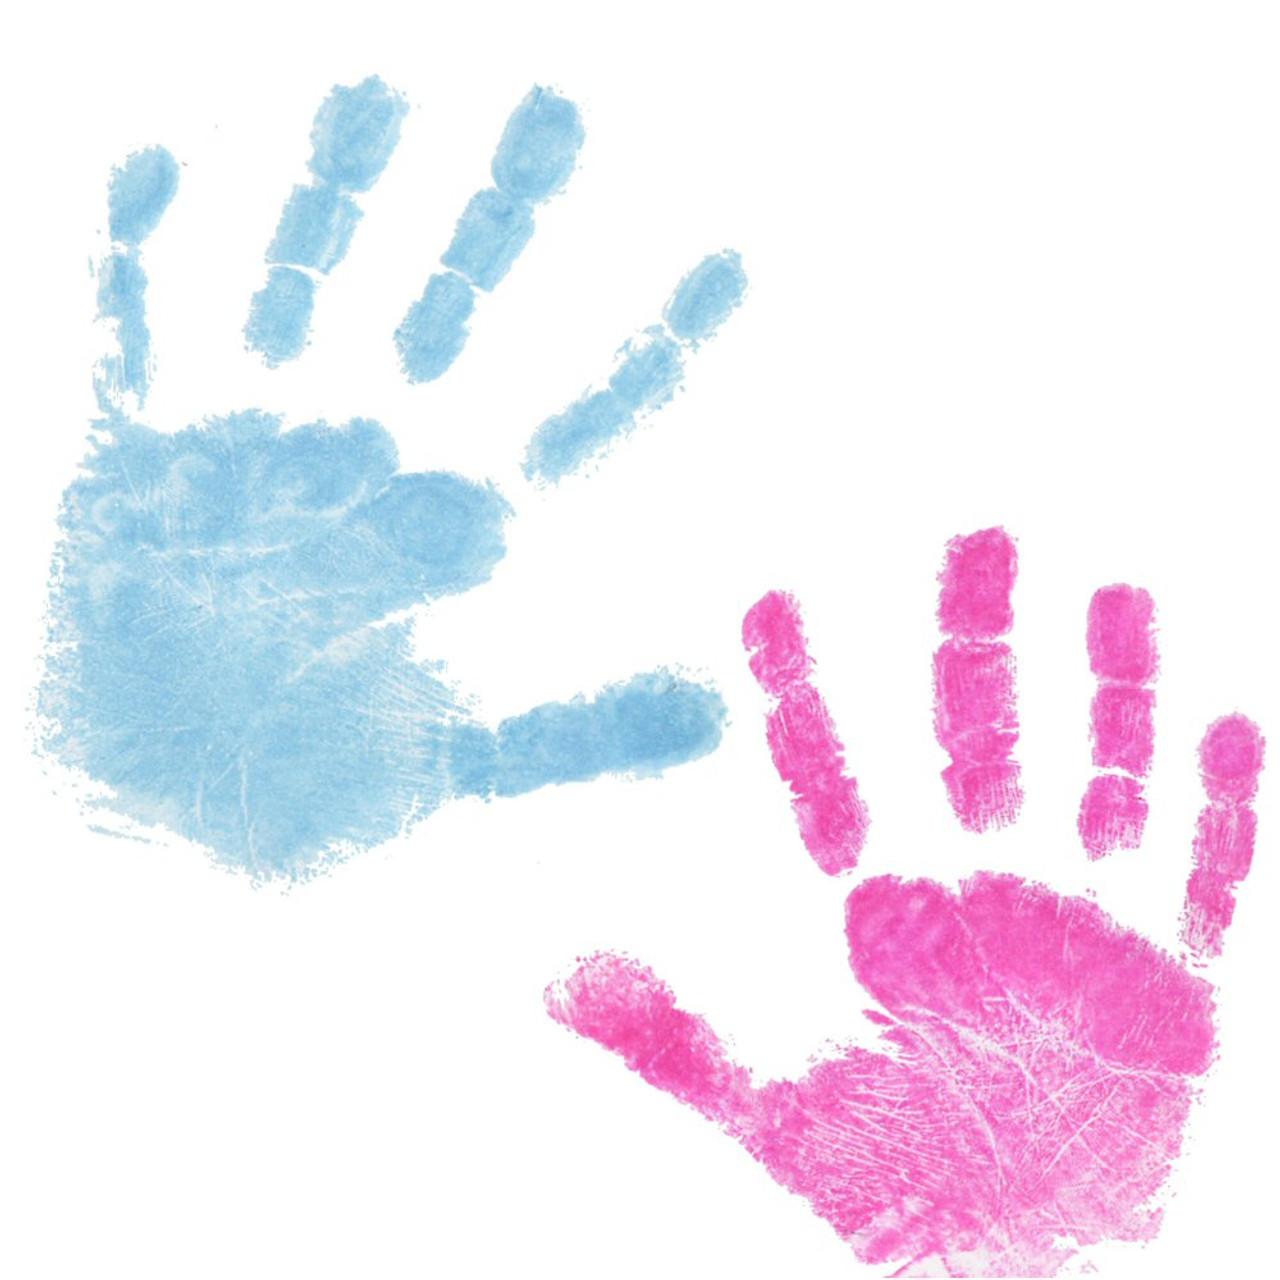 50 Dactek Blue/Pink Inkless Wipes